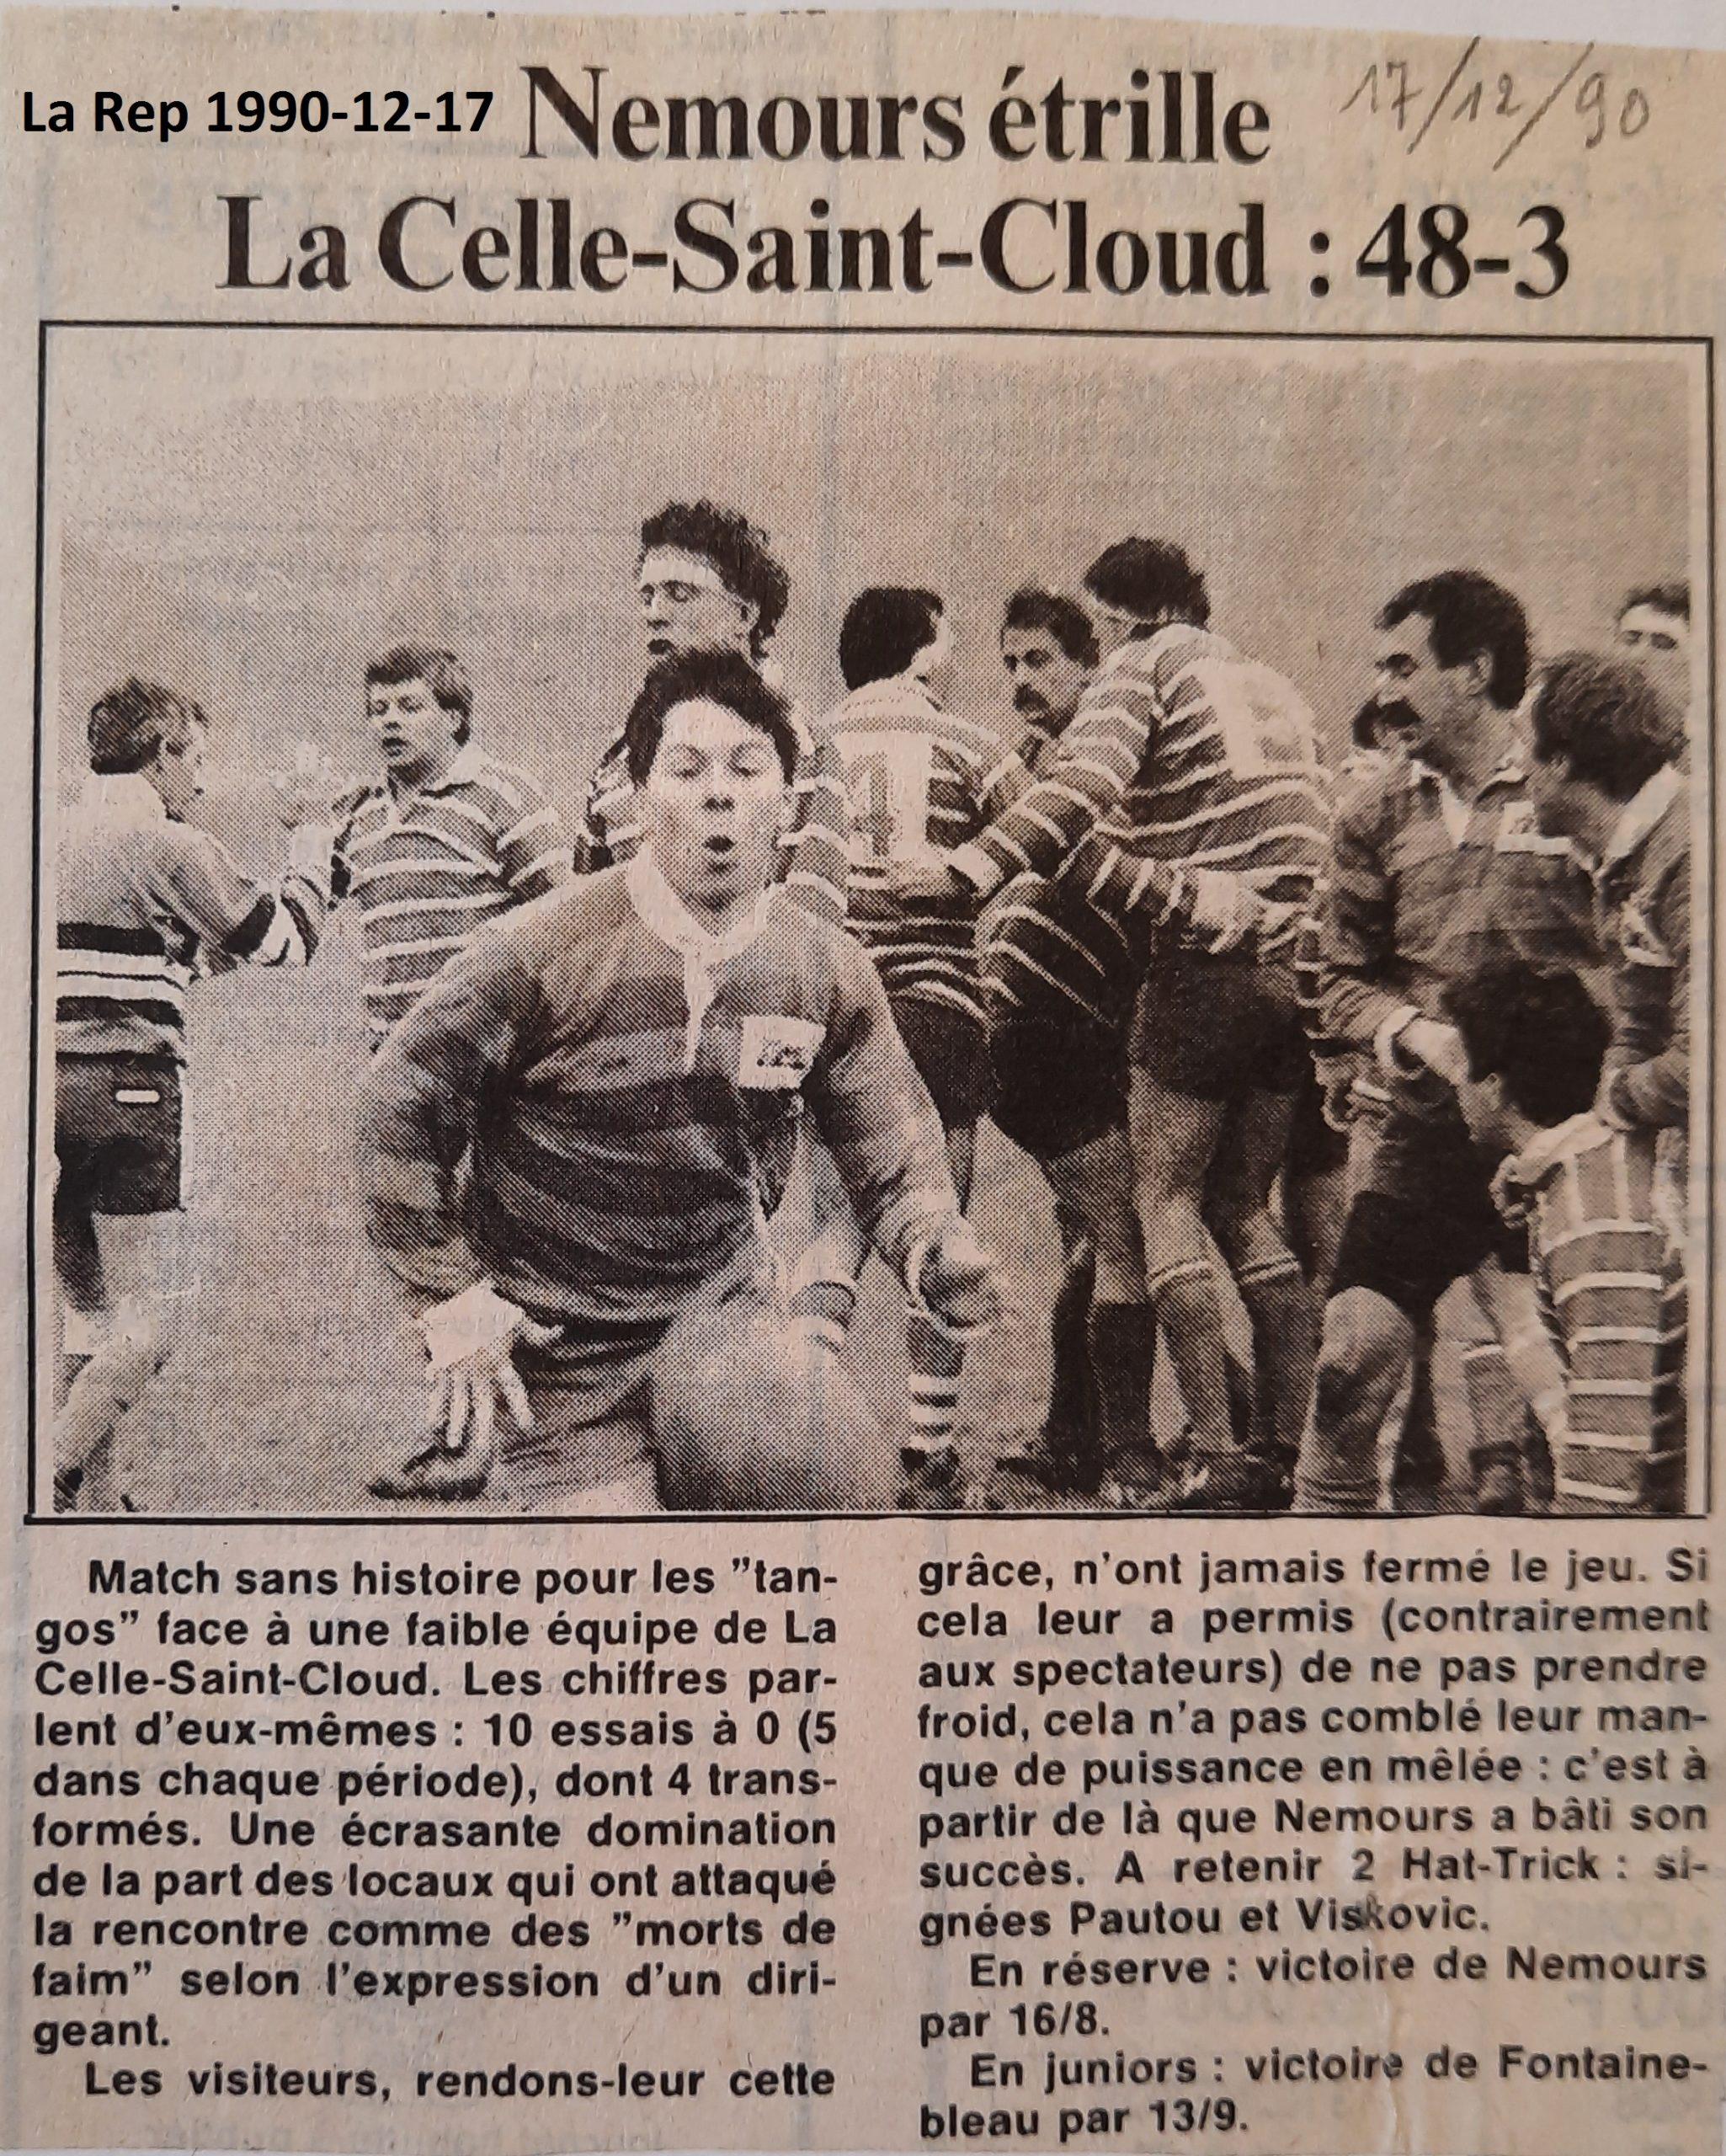 La République 1990-12-17